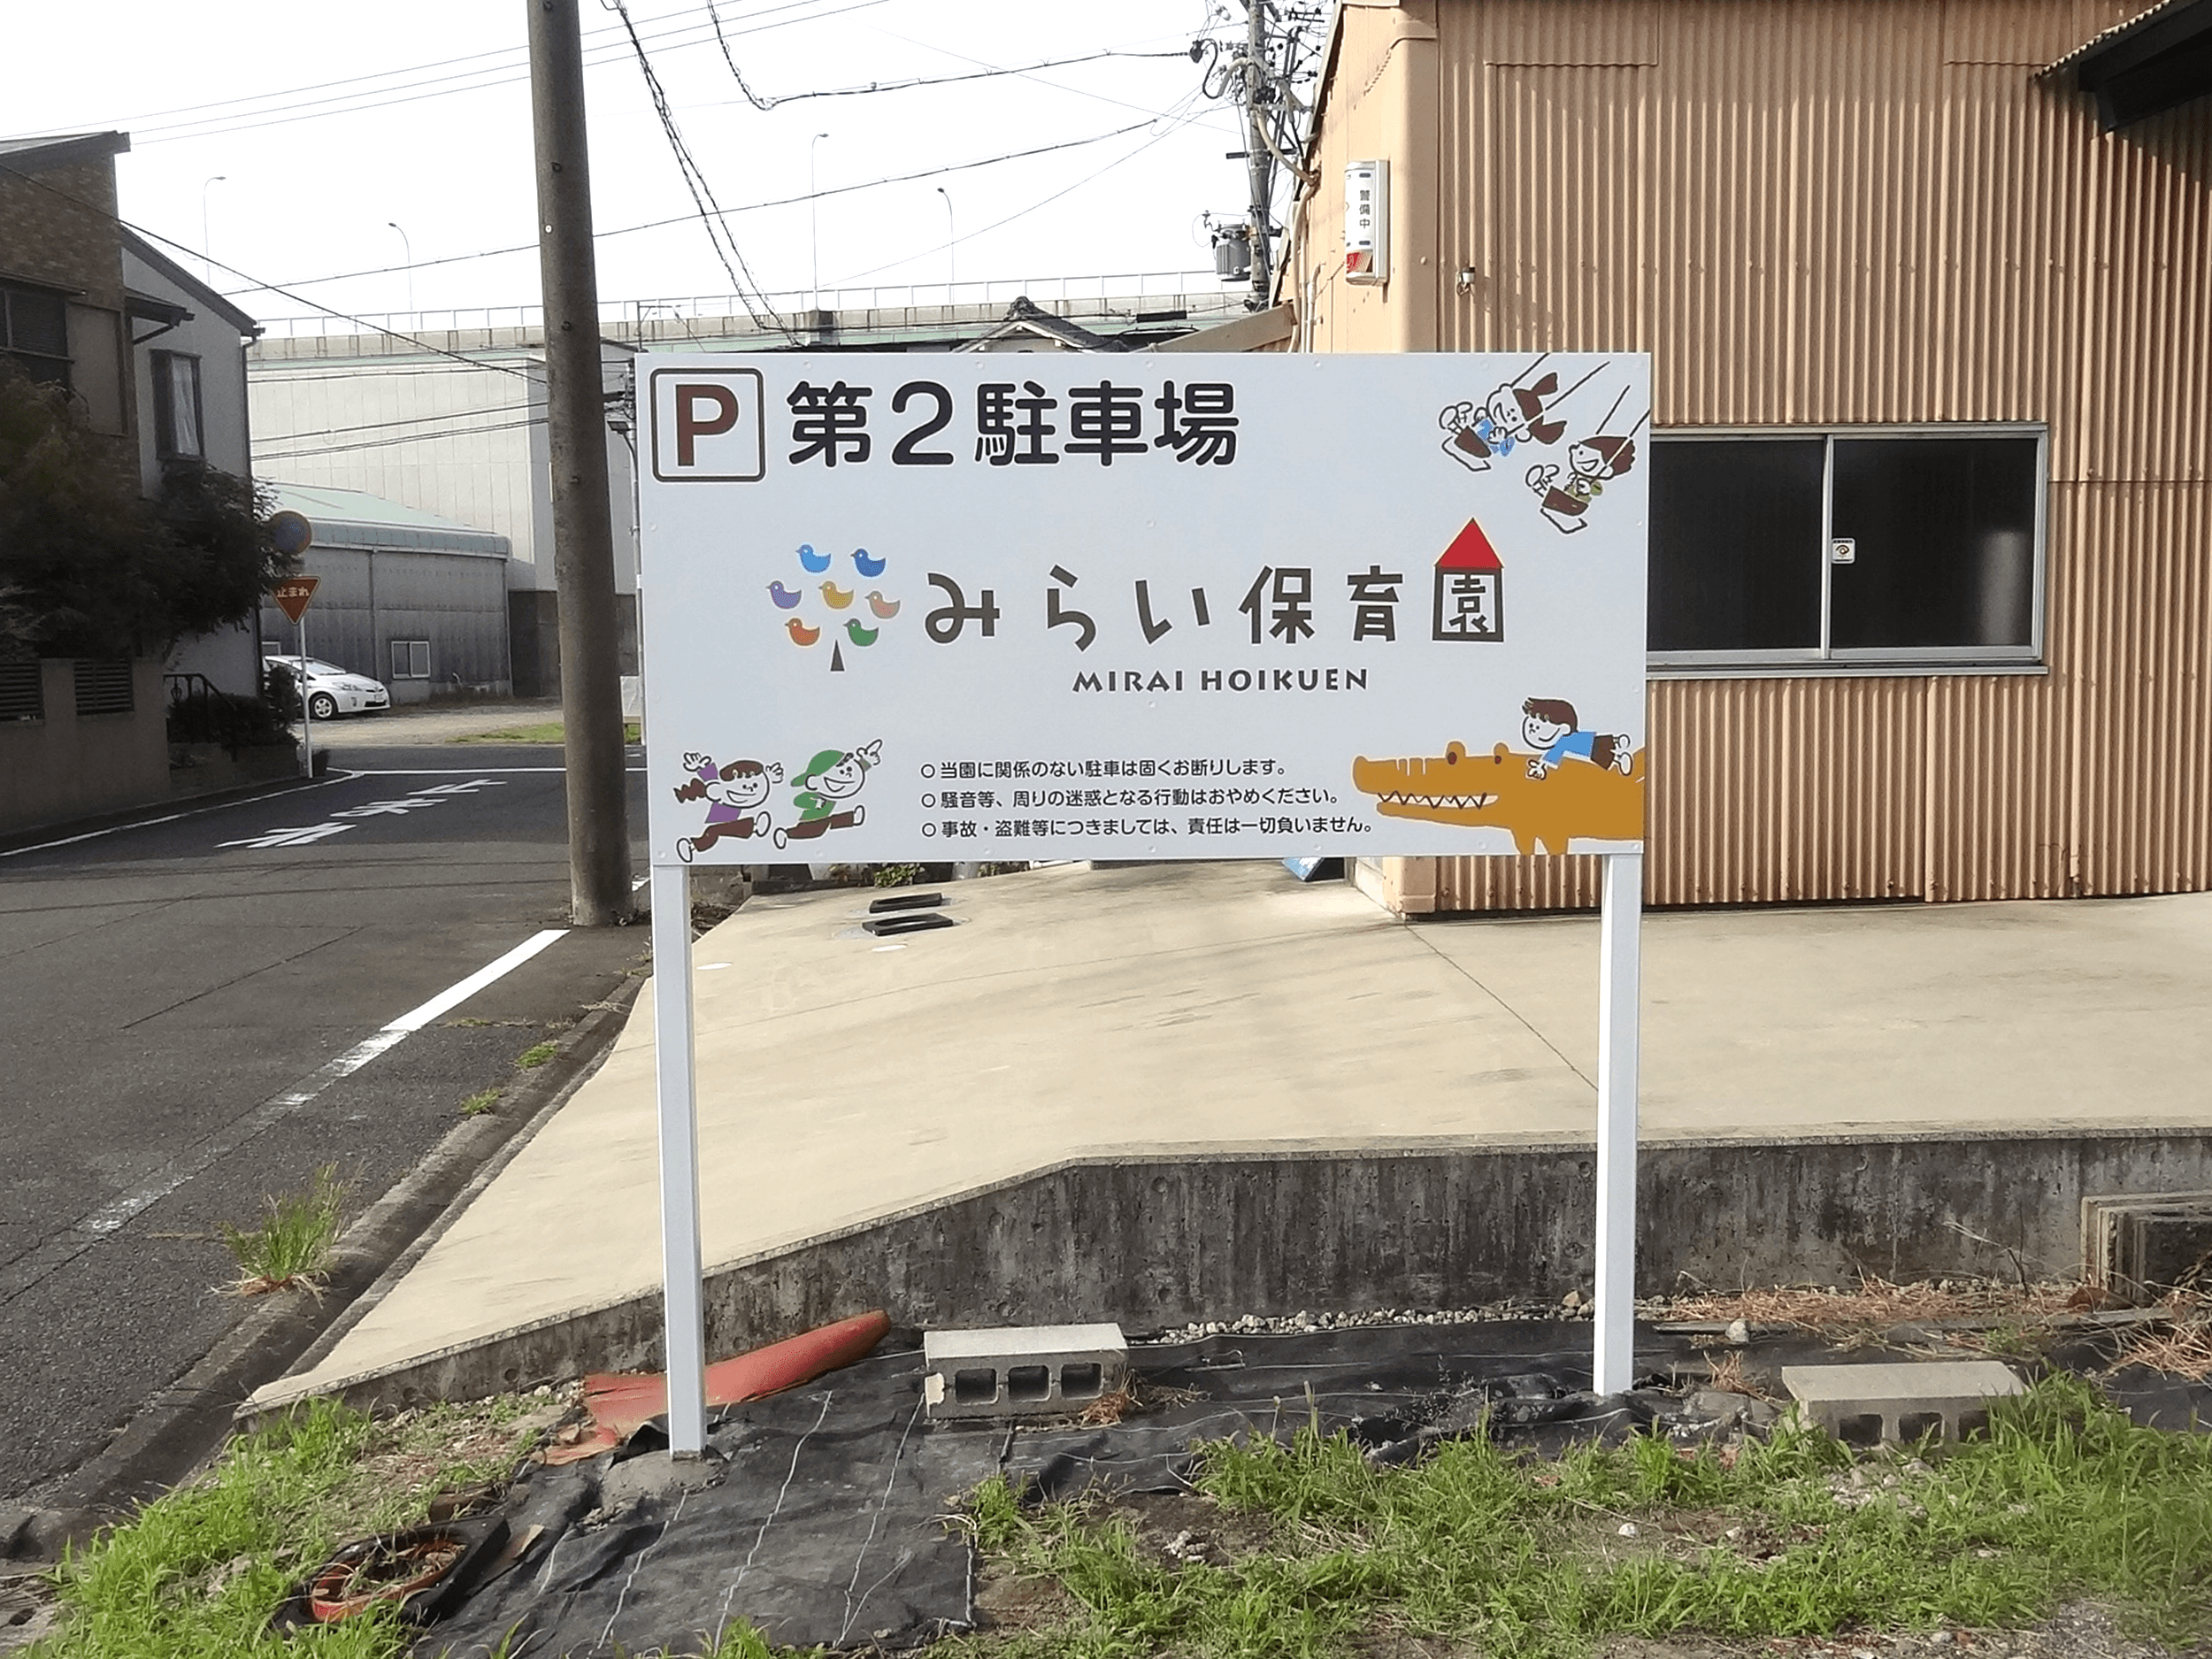 自立・野立て看板施工事例写真 愛知県 駐車場野立て看板とフェンスのプレート看板の看板作成から設置まで希望です